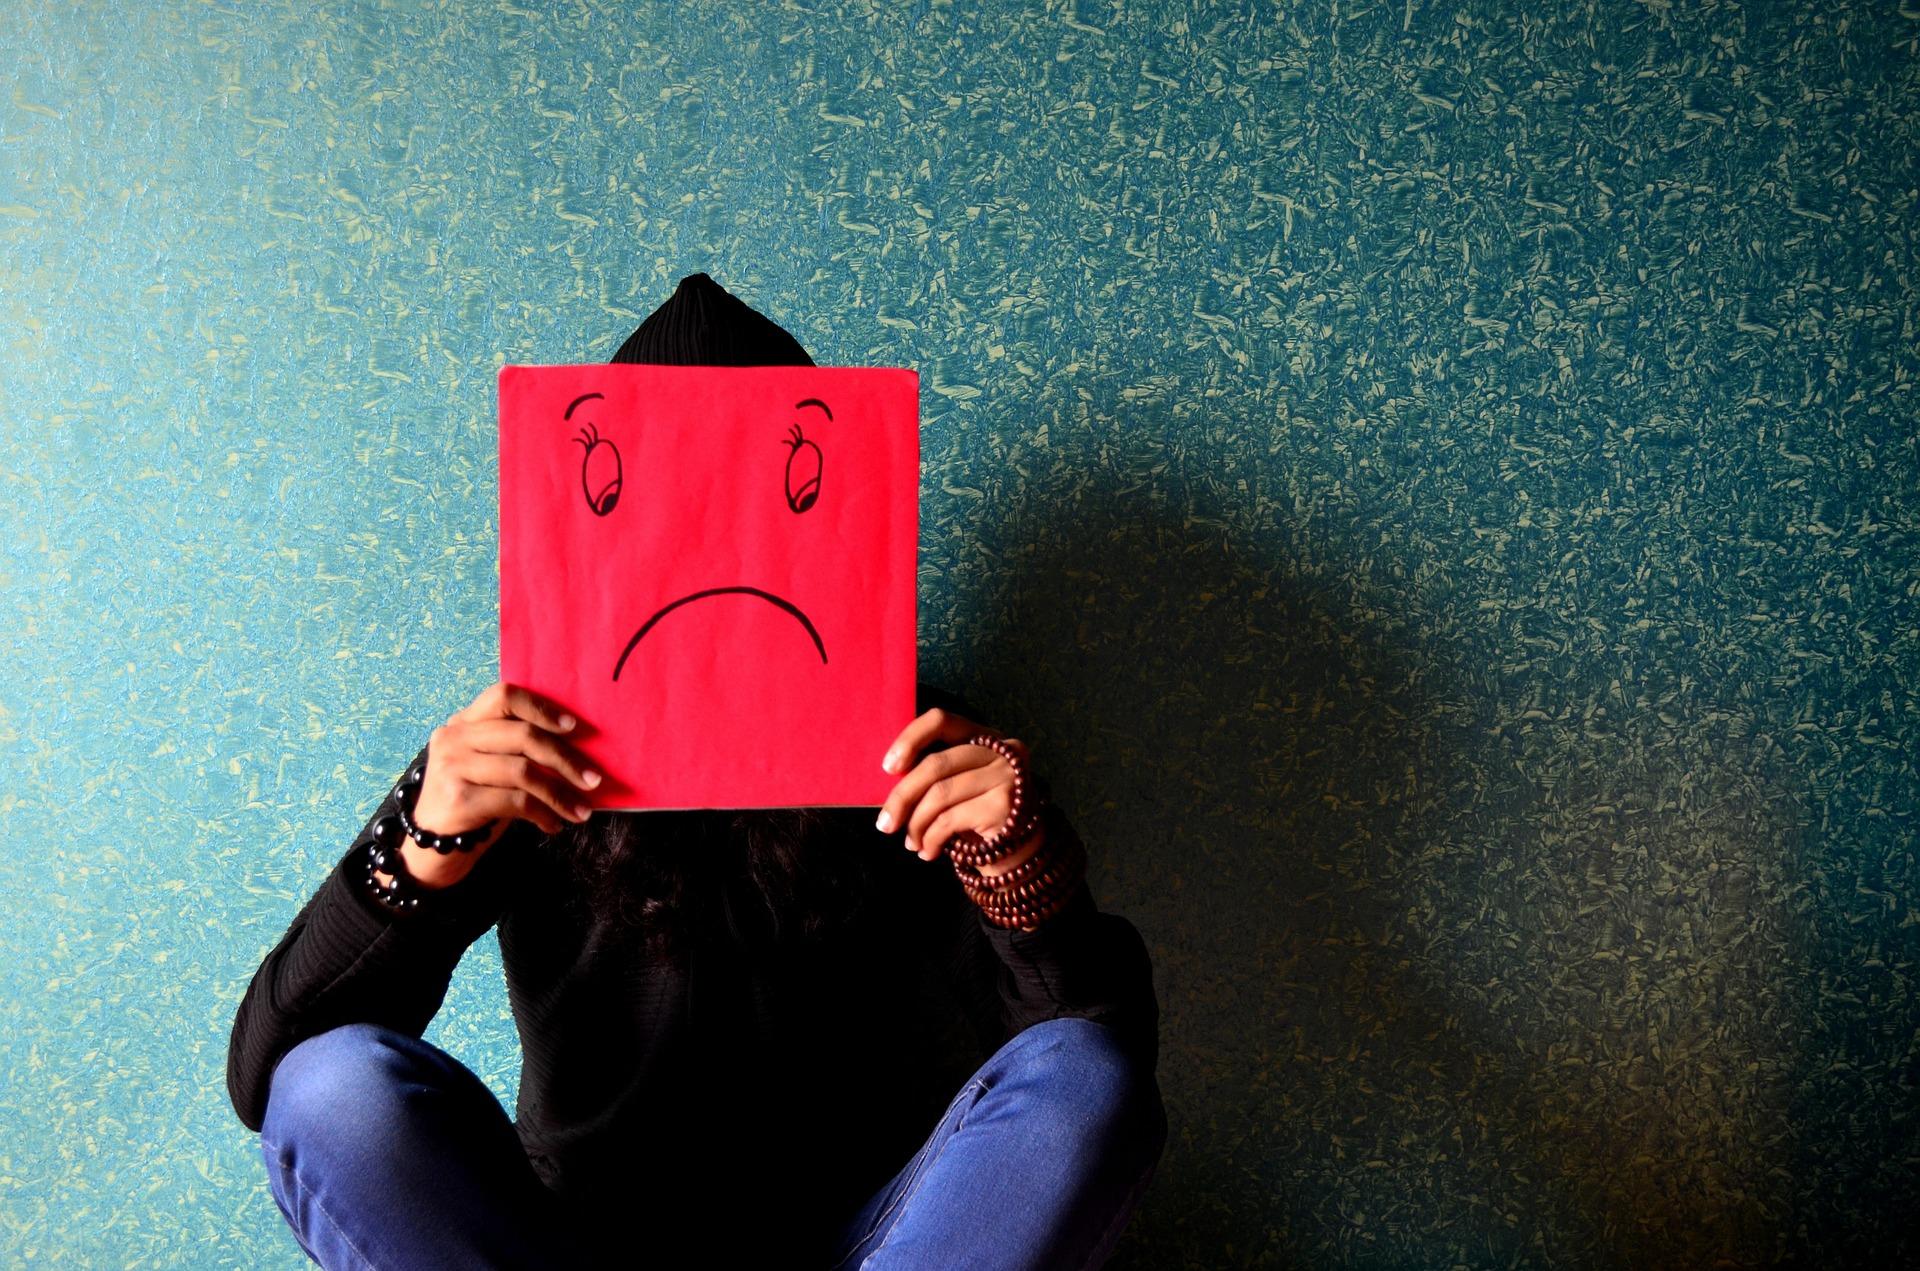 Depresión: principal discapacidad en México para 2020